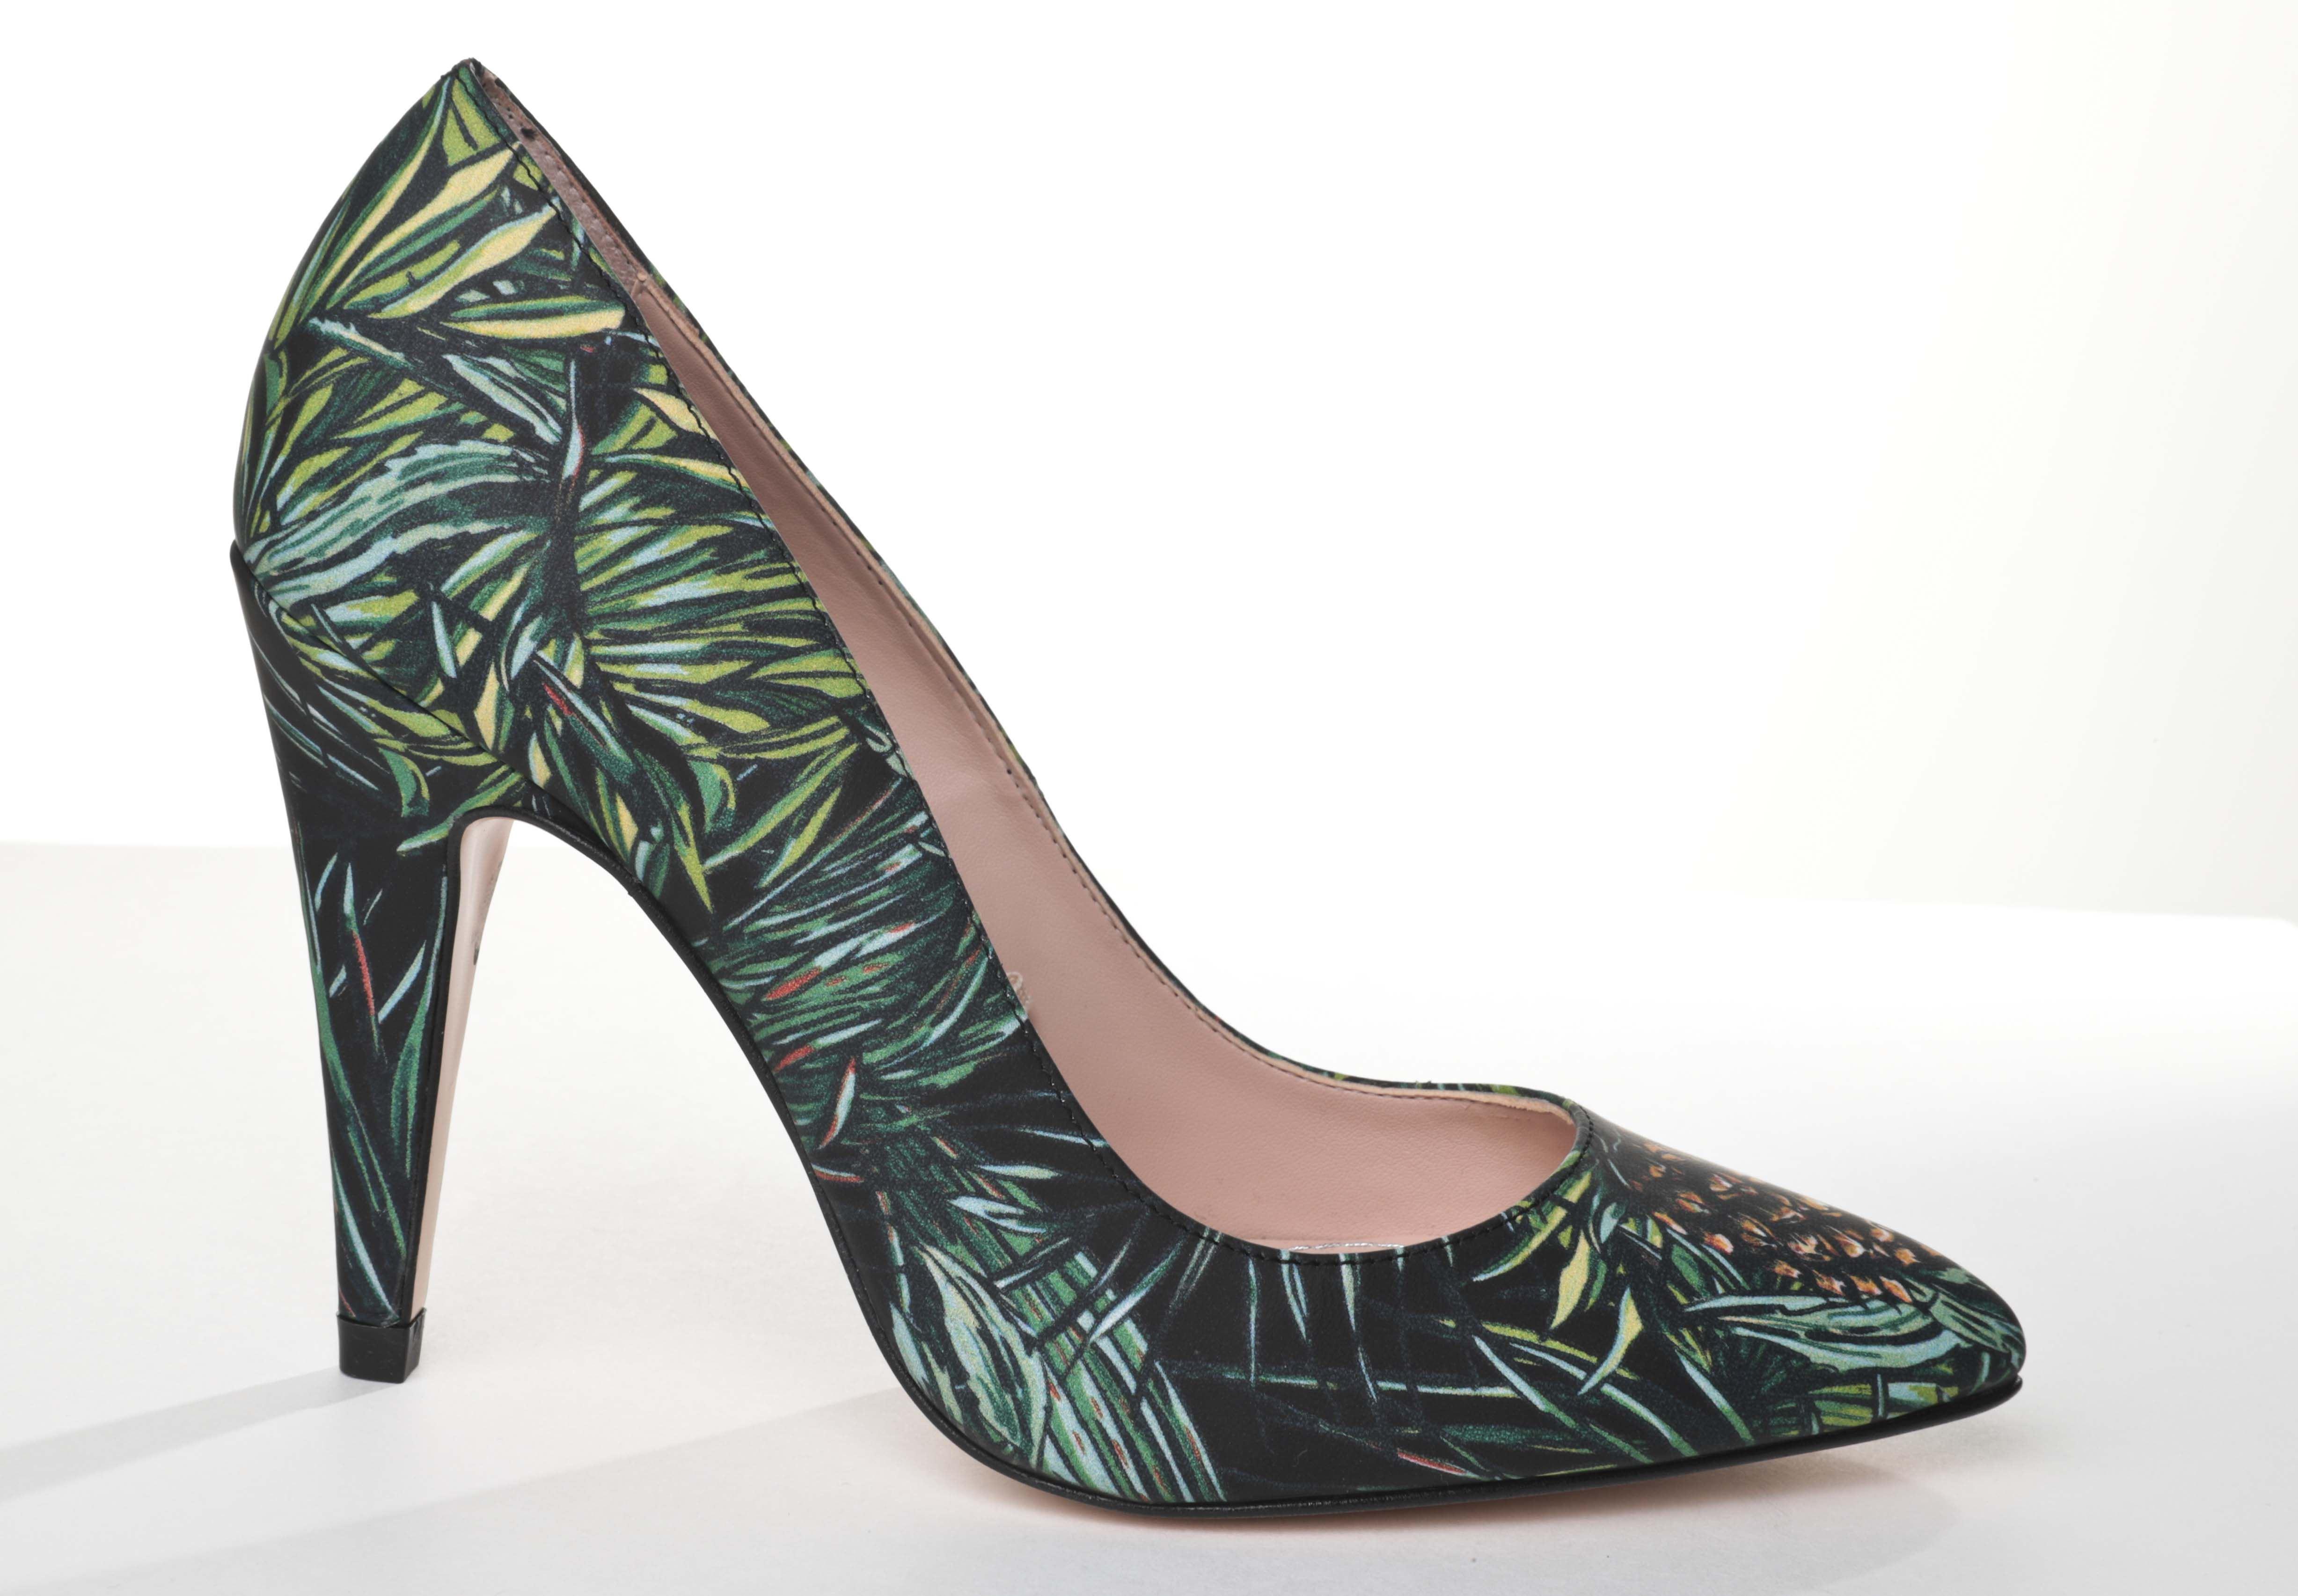 El En Deben Tu Que Faltar Día No Estilos Clóset De Los Nuevo Zapatos awOgWv